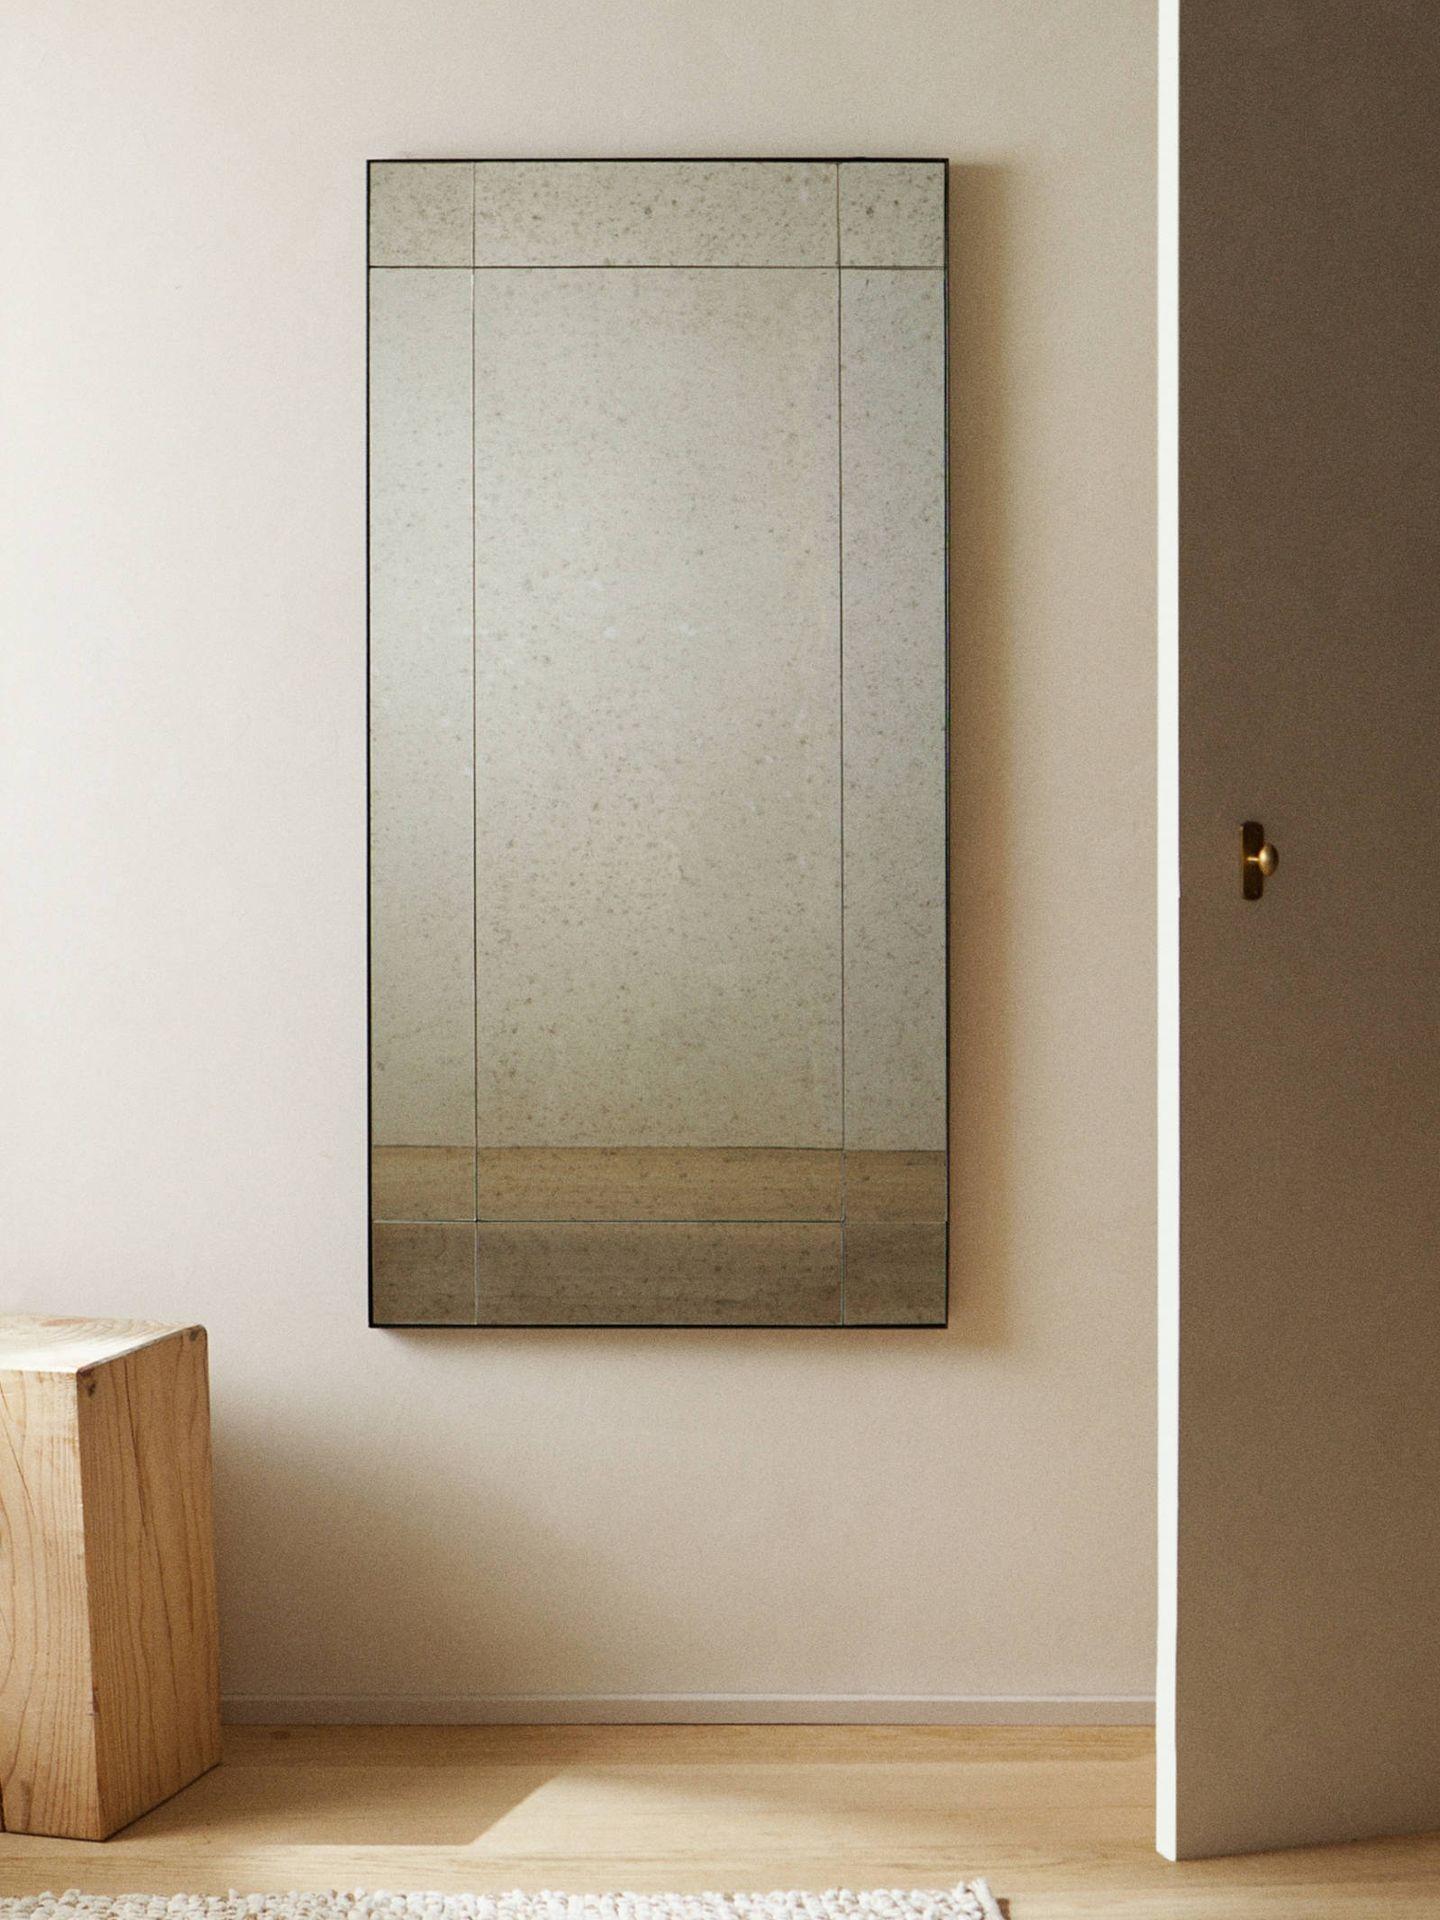 Espejos de aspecto envejecido de Zara Home. (Cortesía)